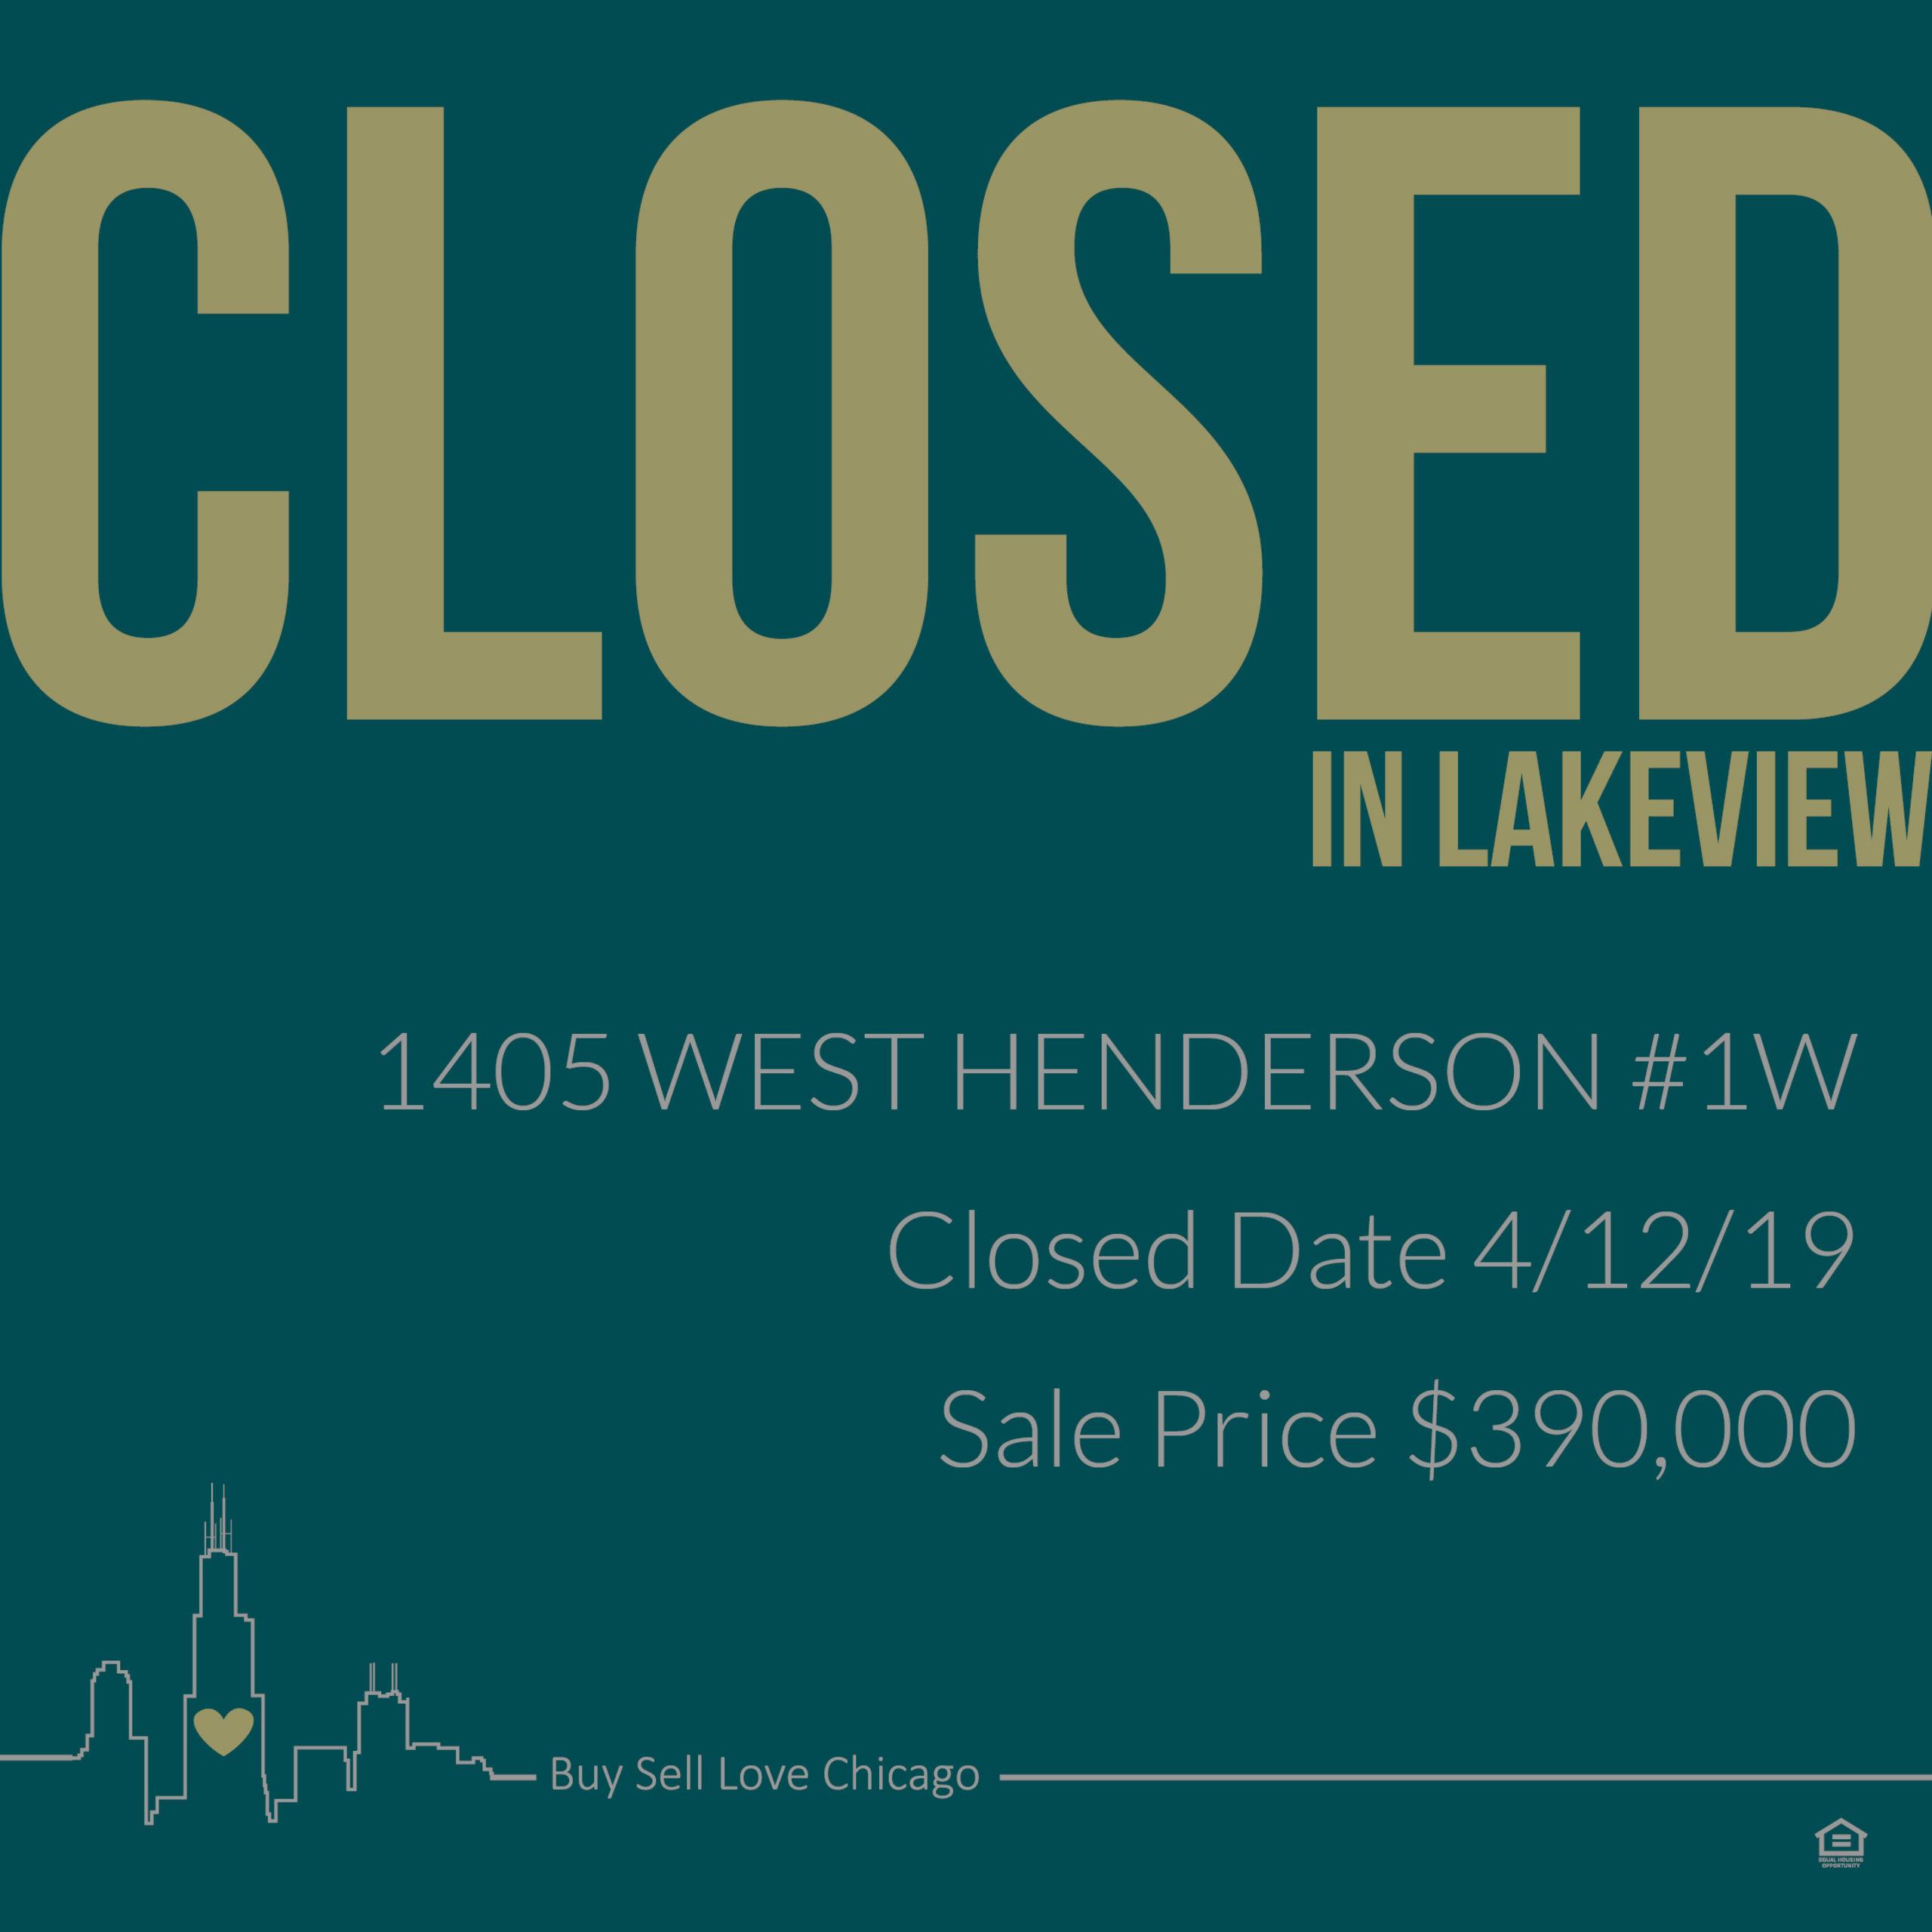 1405 W Henderson St, 1W Chicago, IL 60657